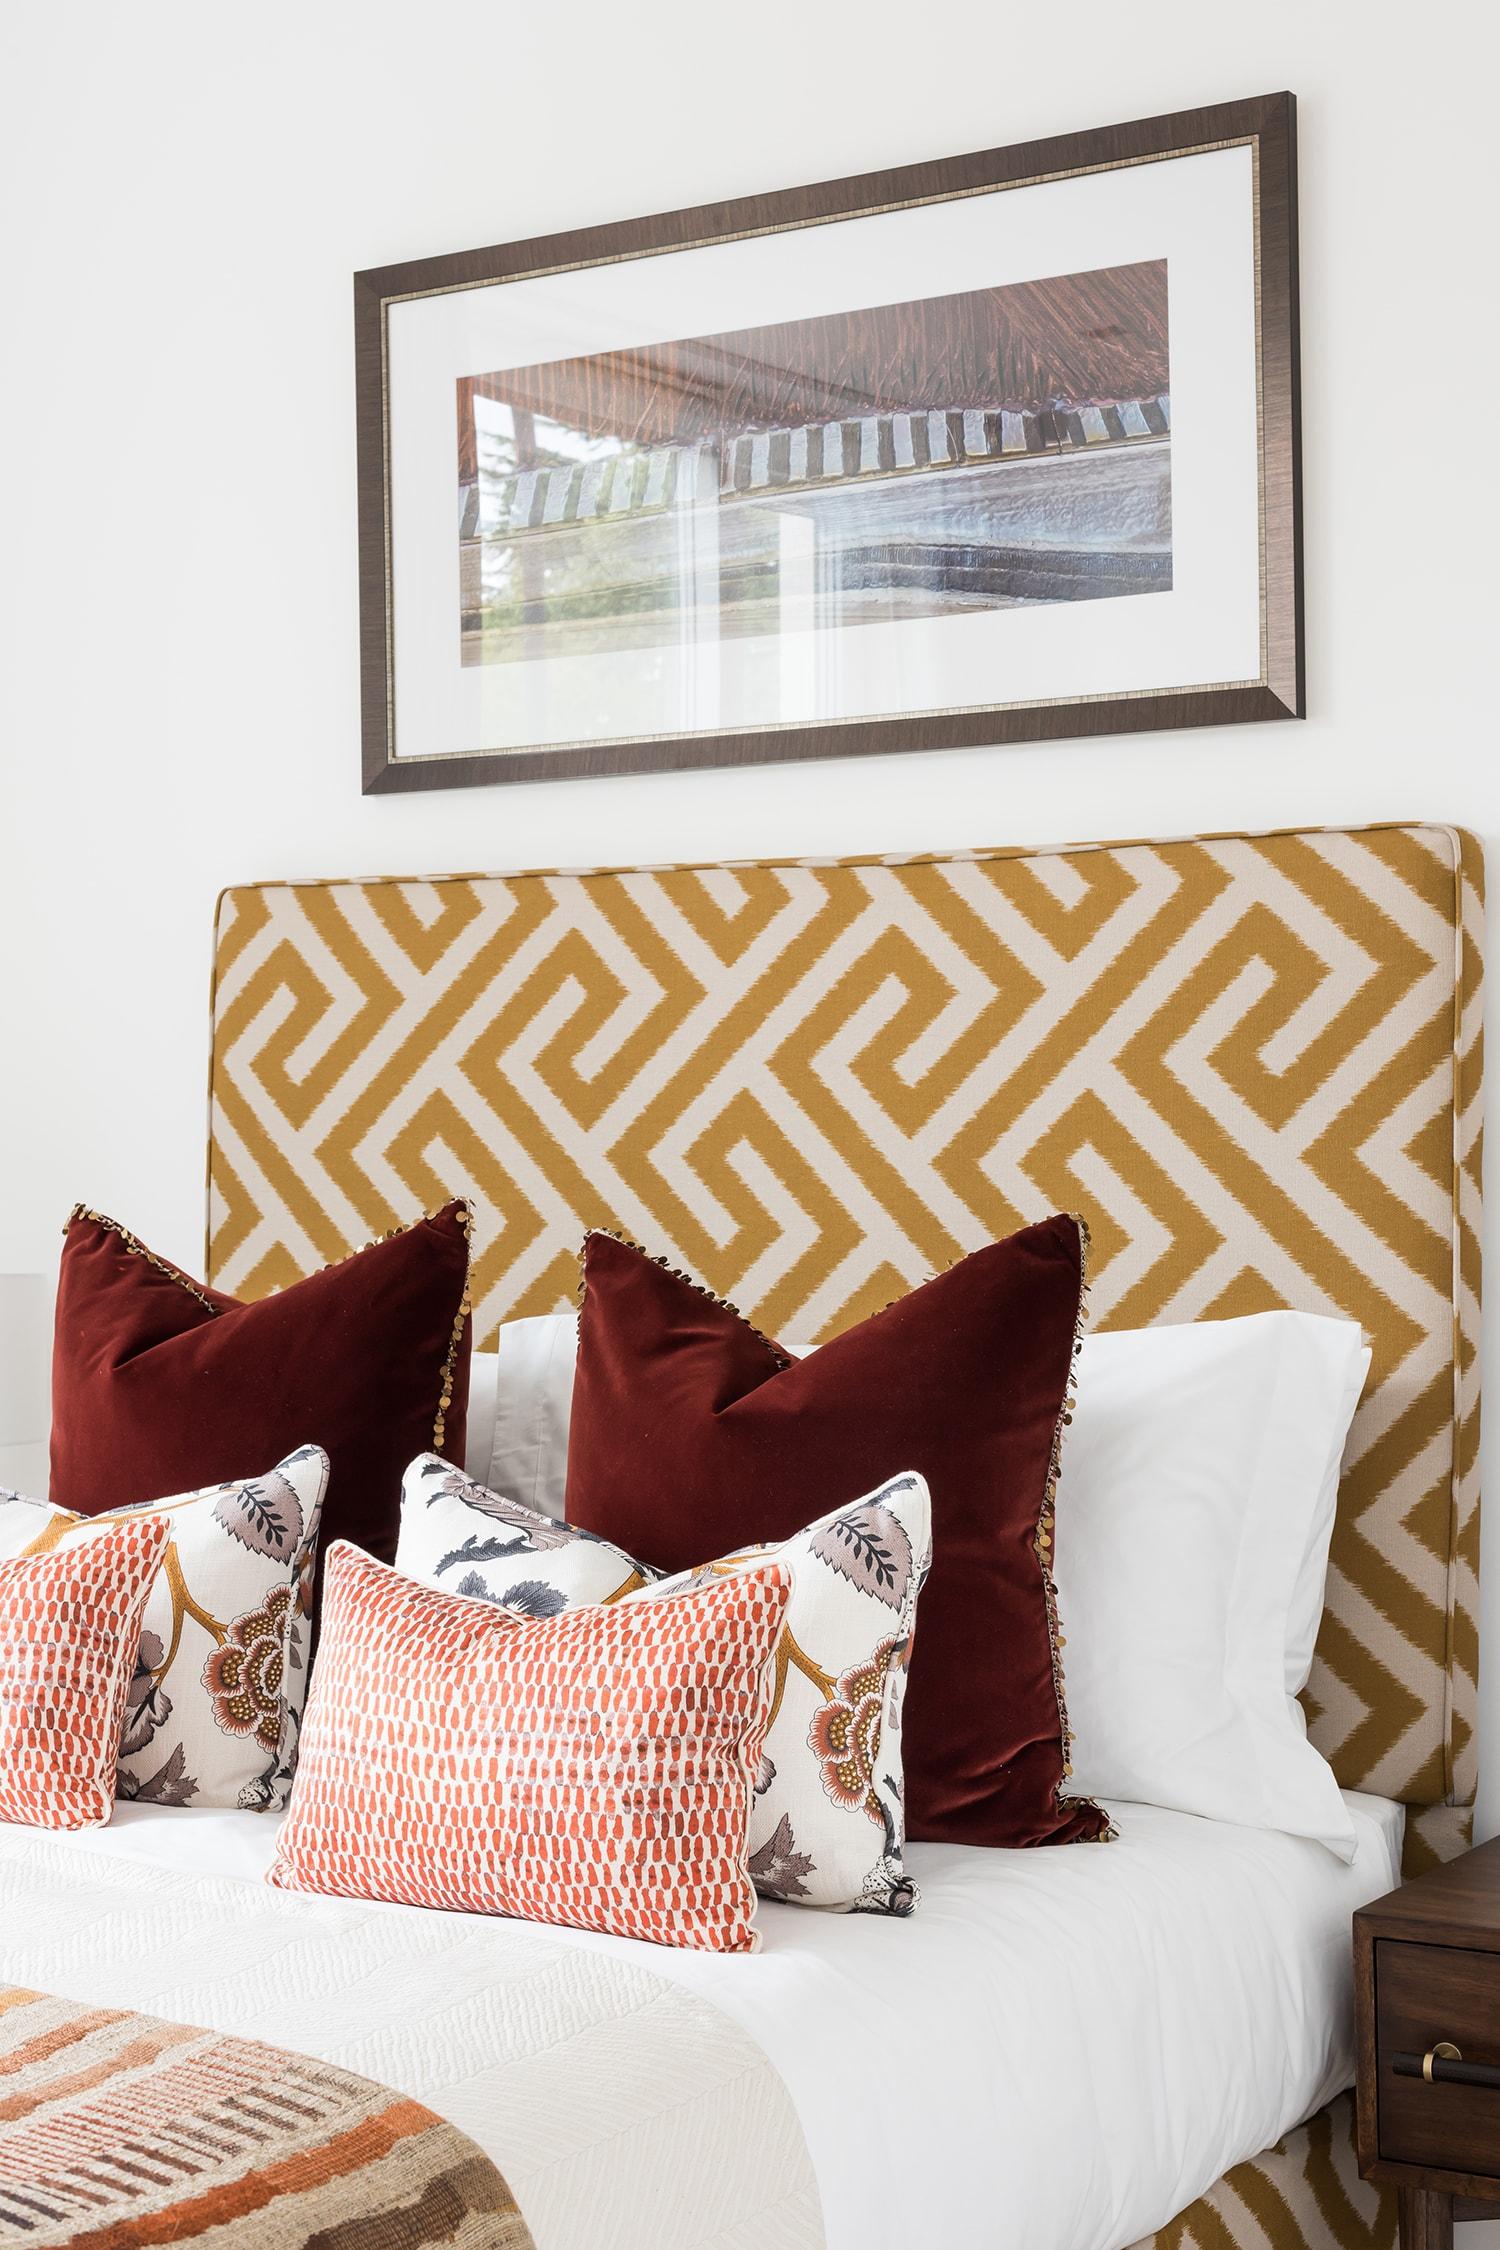 A.LONDON_Ashchurch_Villas_Bedroom_02.jpg